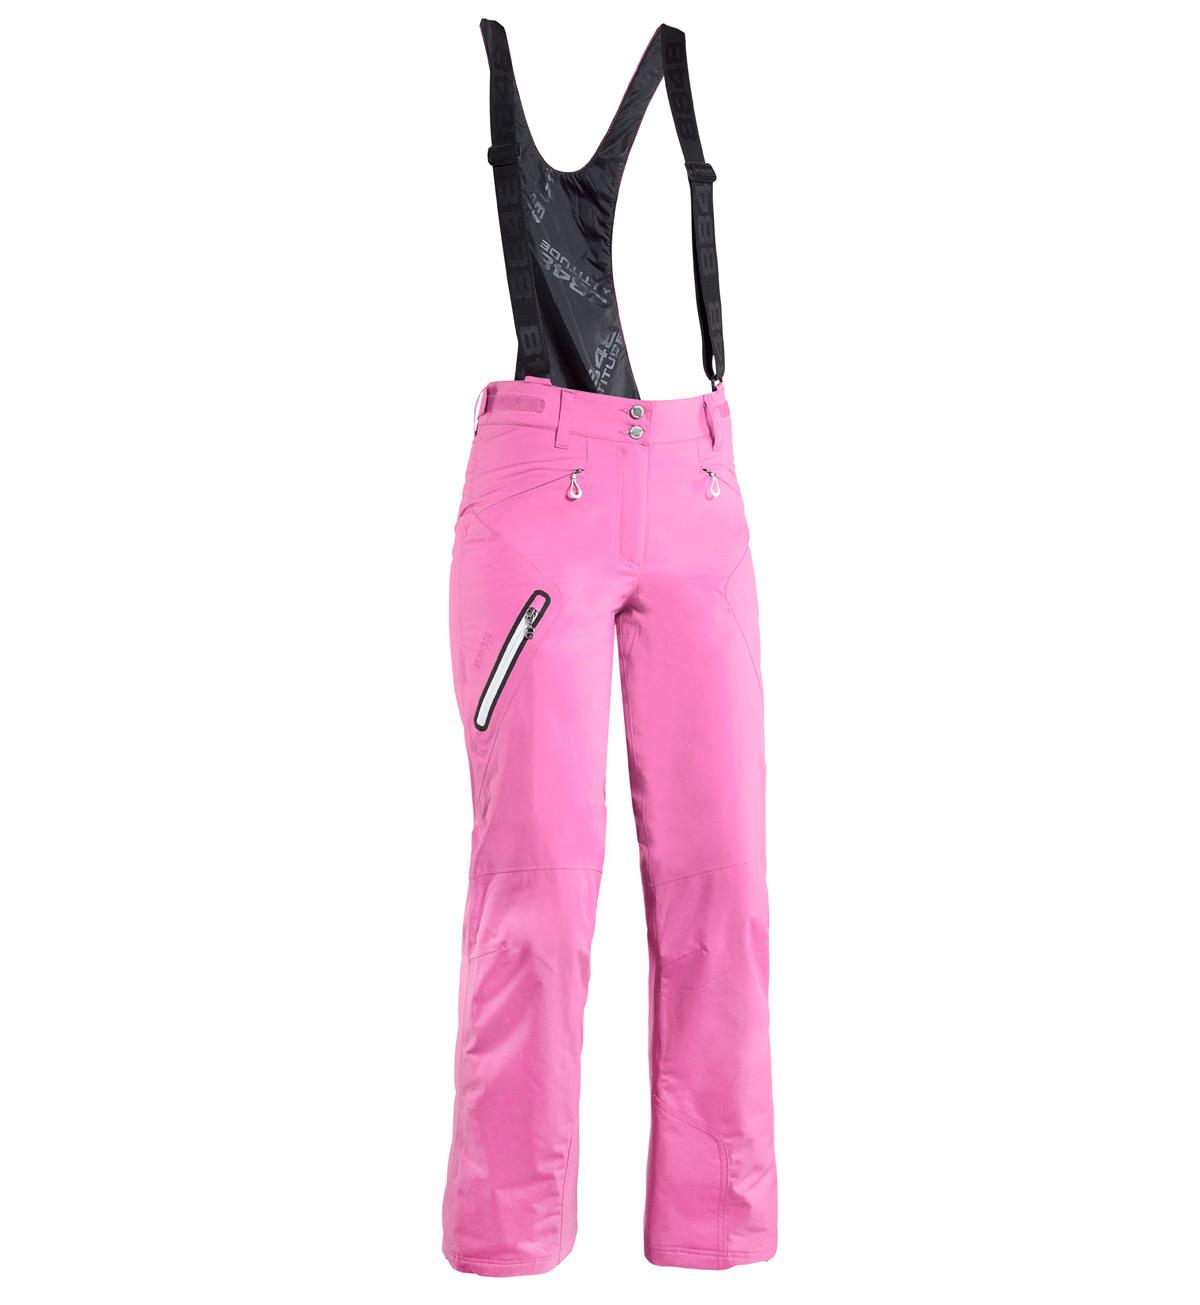 Брюки горнолыжные 8848 Altitude Ritha женские Neon Pink